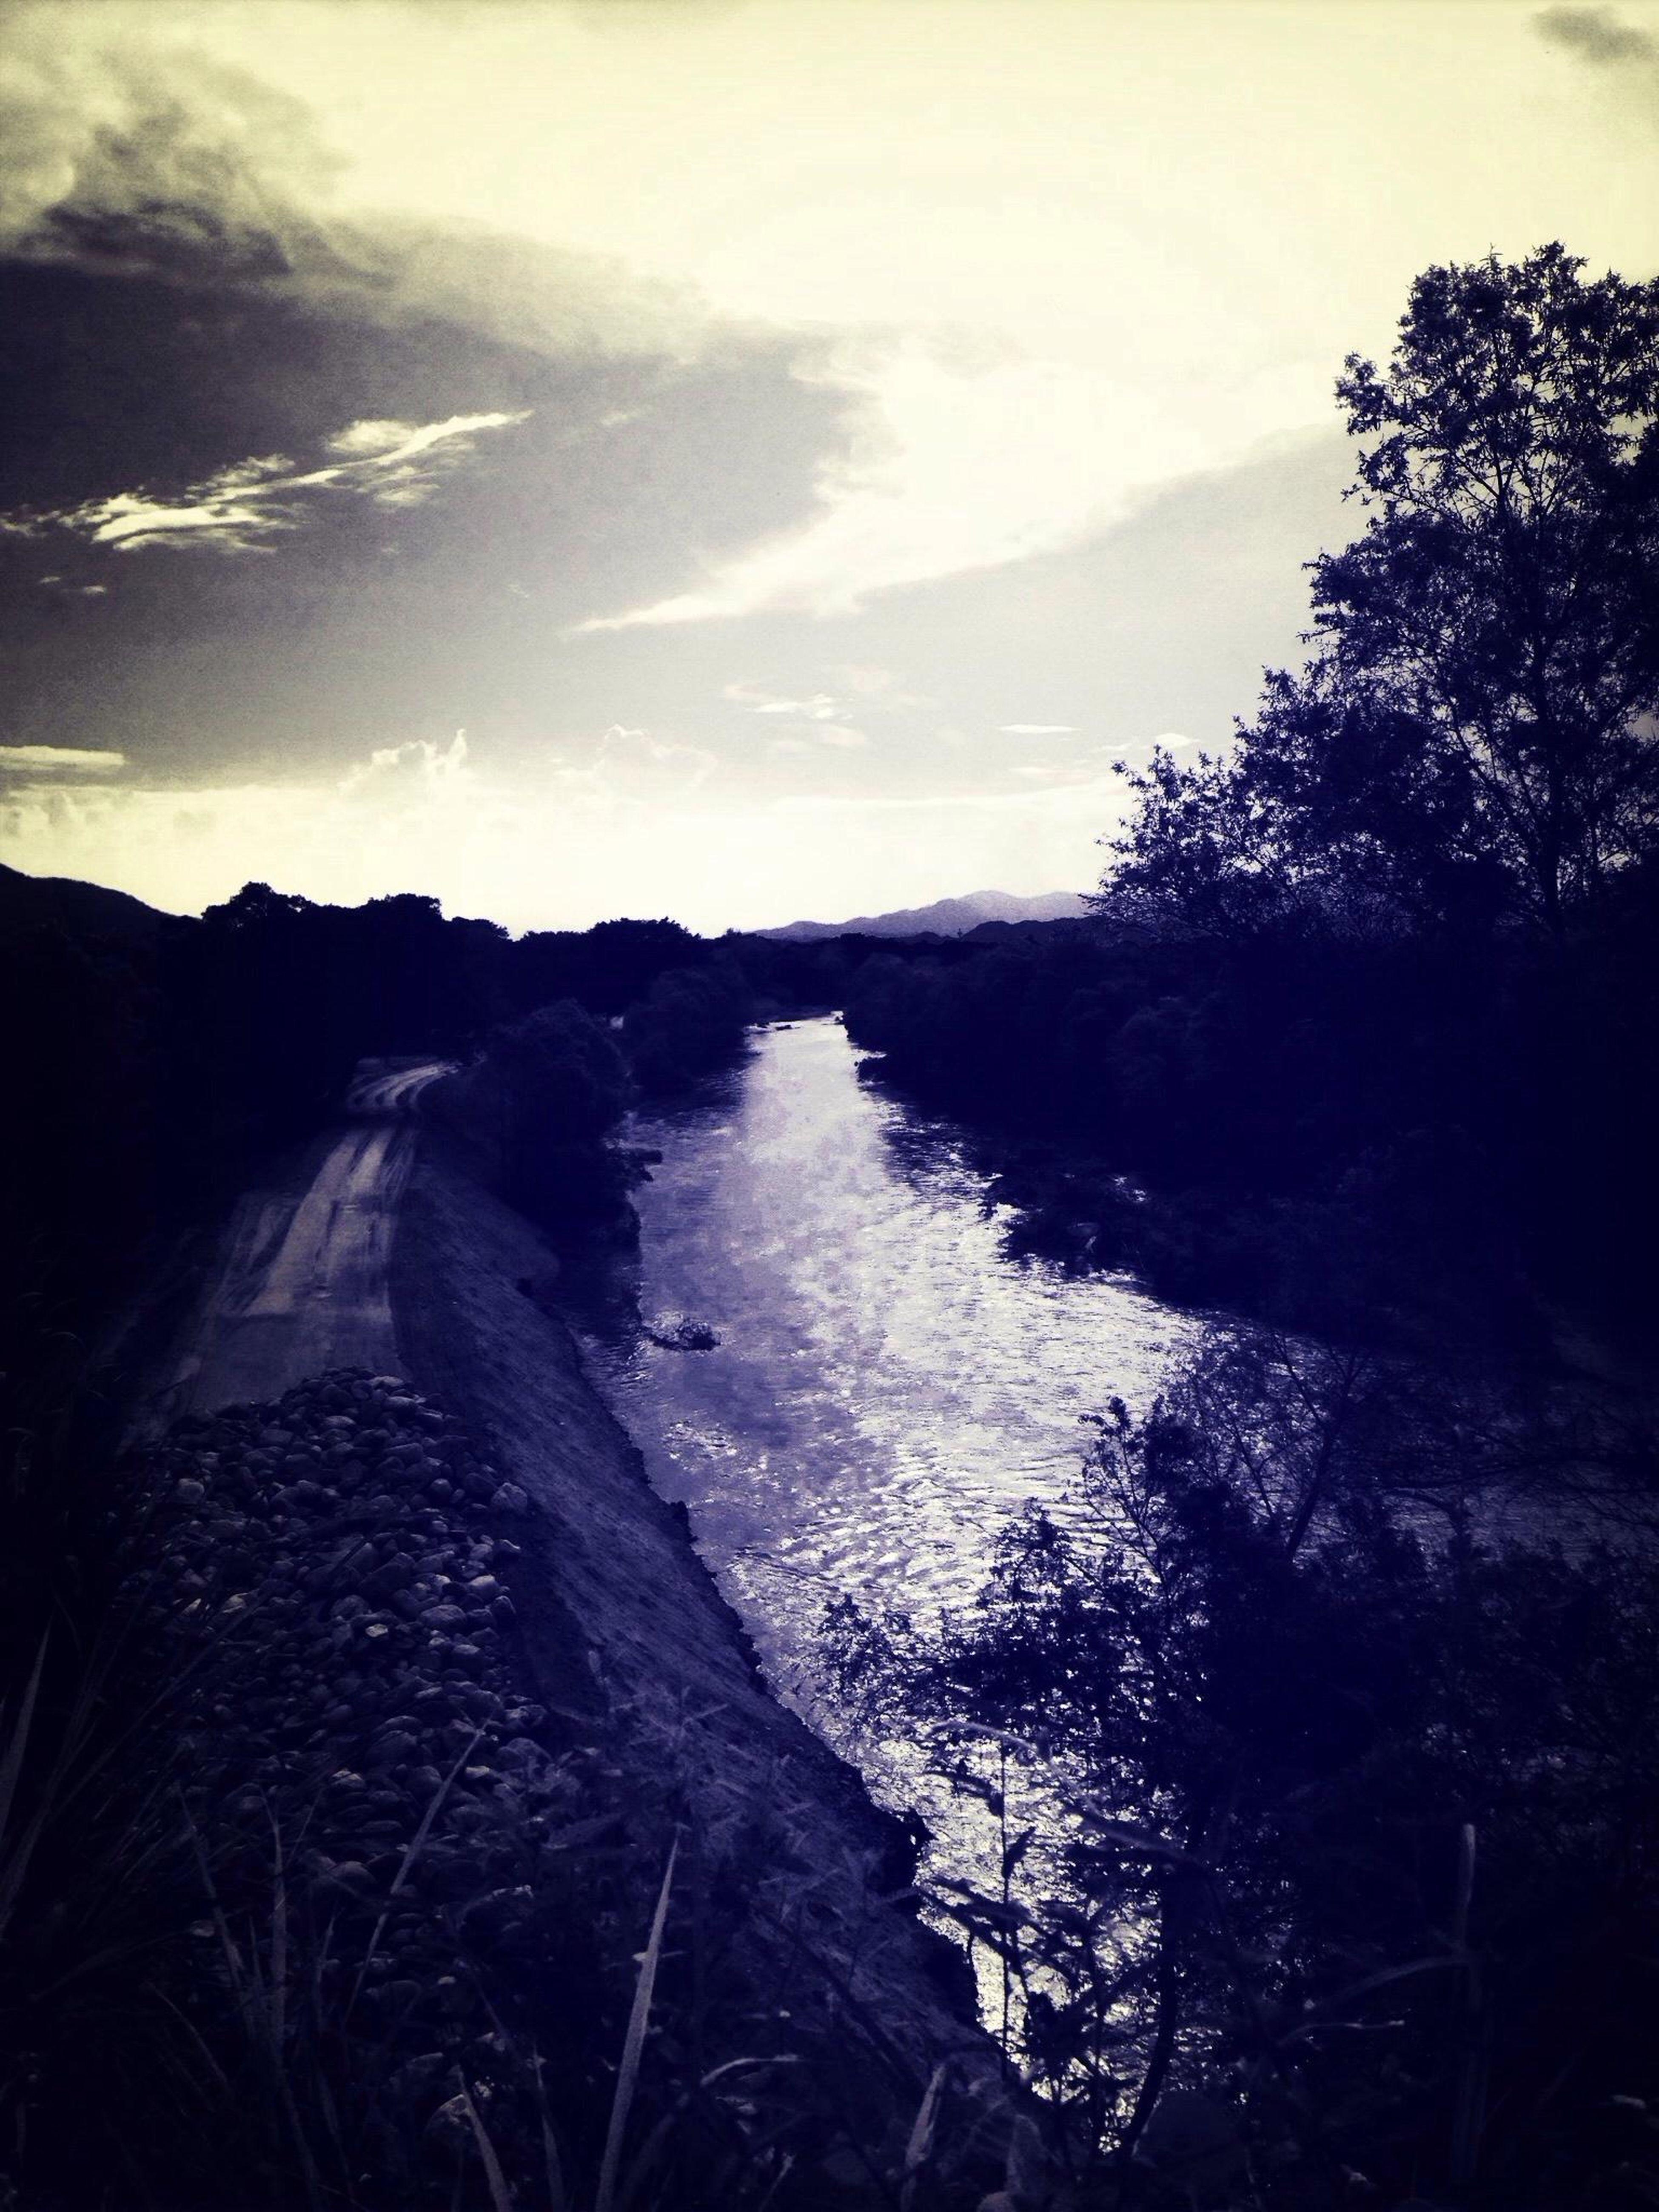 Dónde vive Dios? River God Sunset